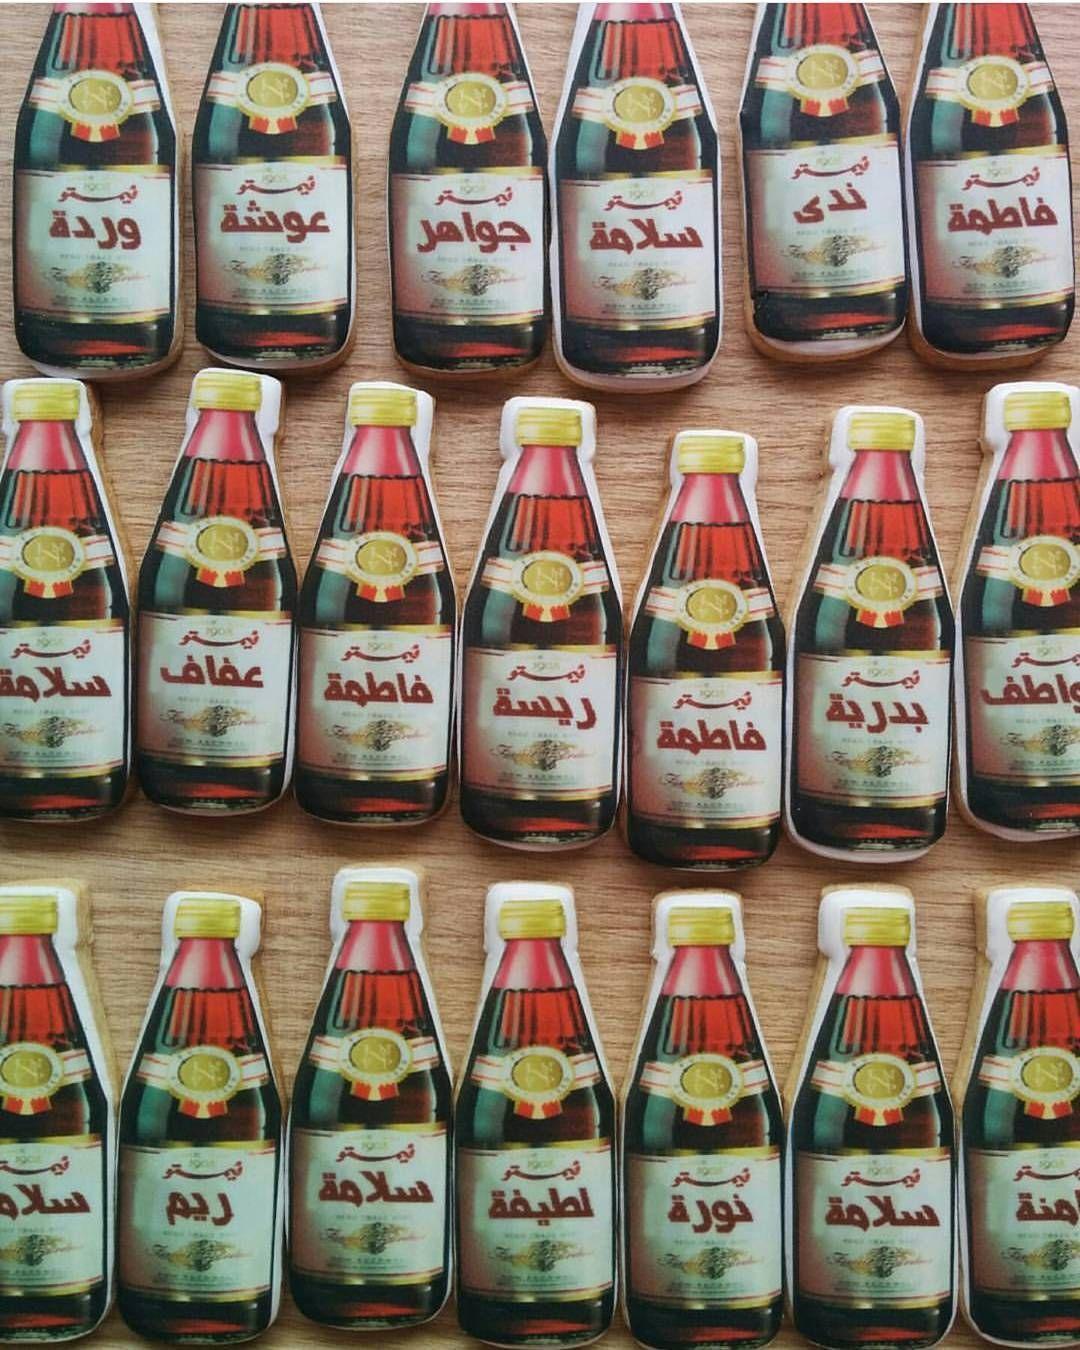 كوكيز فيمتو قرقيعان توزيعات قرقيعان ليلة حناء توزيعات رمضان رمضانيات Gold Peak Tea Bottle Ketchup Bottle Gold Peak Tea